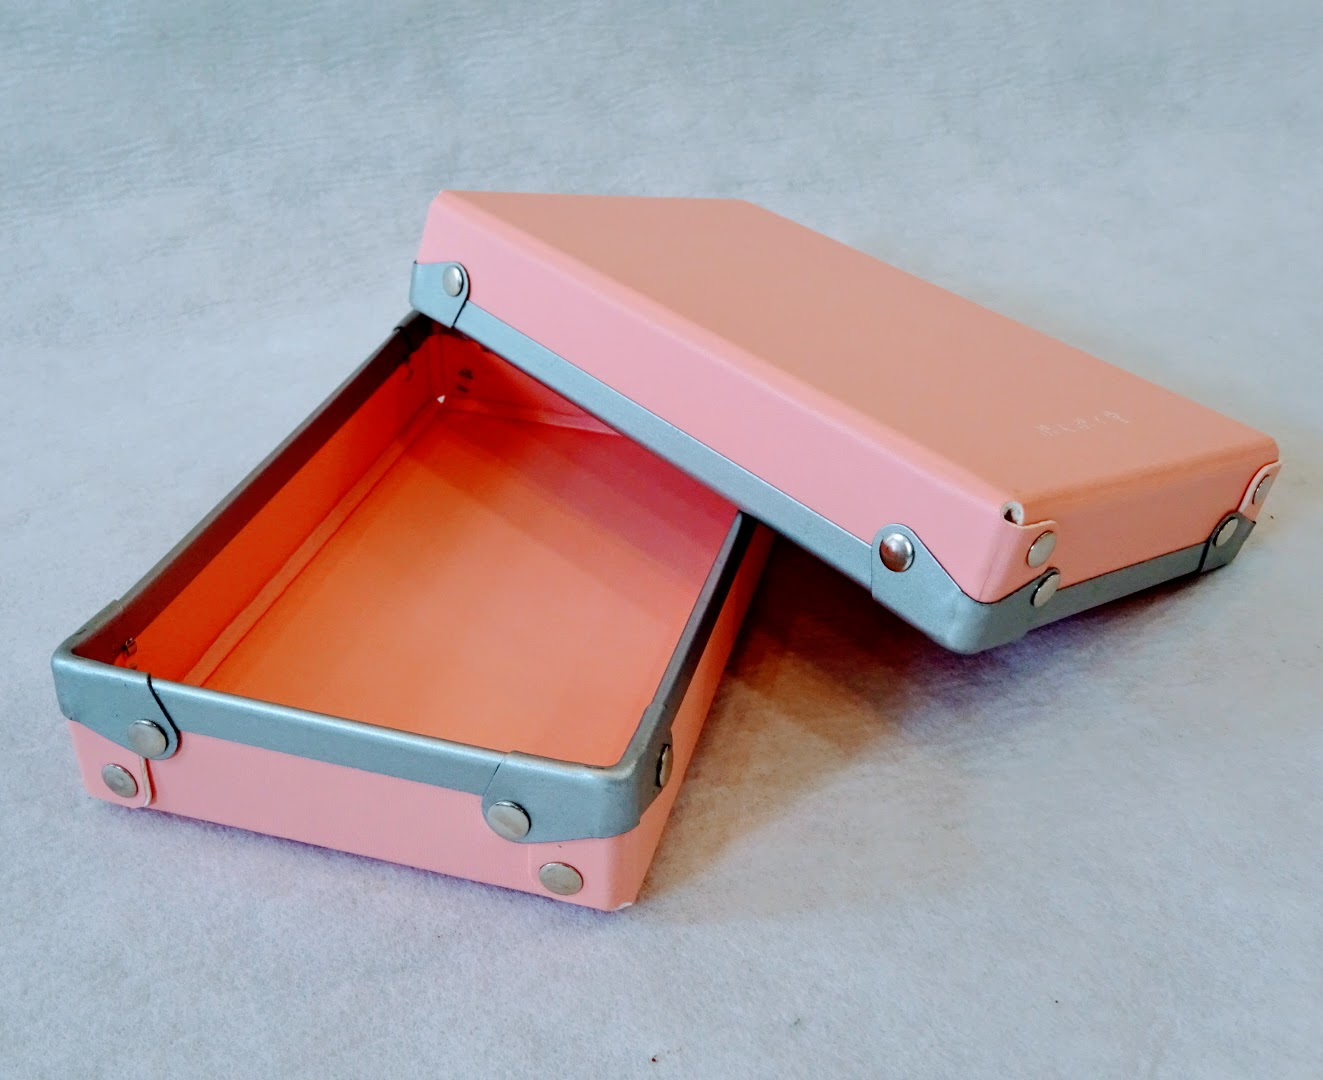 【あなたの小道具箱販売1周年記念「もも」数量限定販売!】4色コンプ購入した方、お待たせしました!